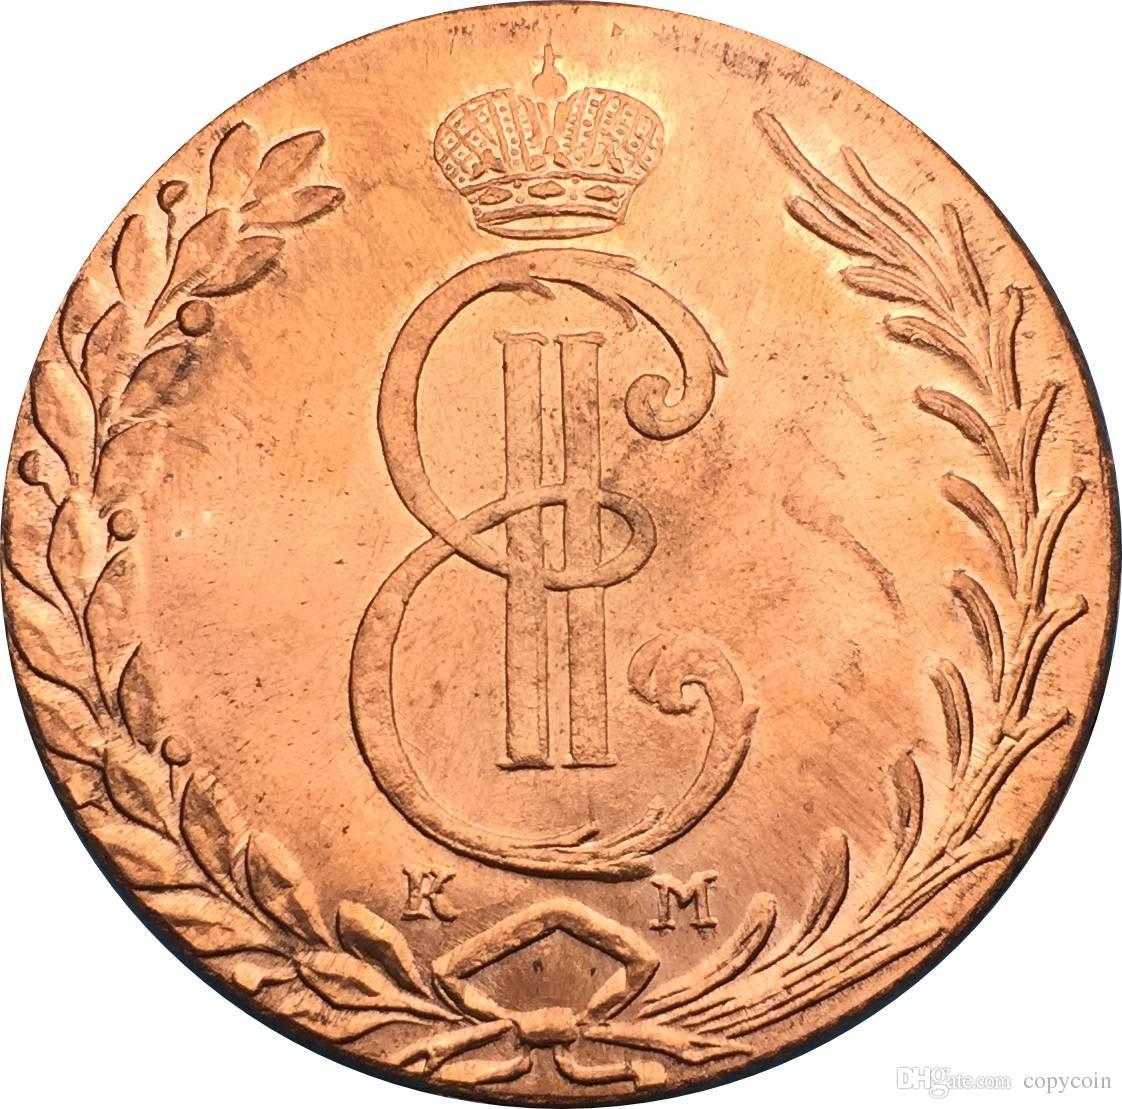 Russia 1776 10 KOPECKS KM Siberian Catherine II Red Copper Copy Coin